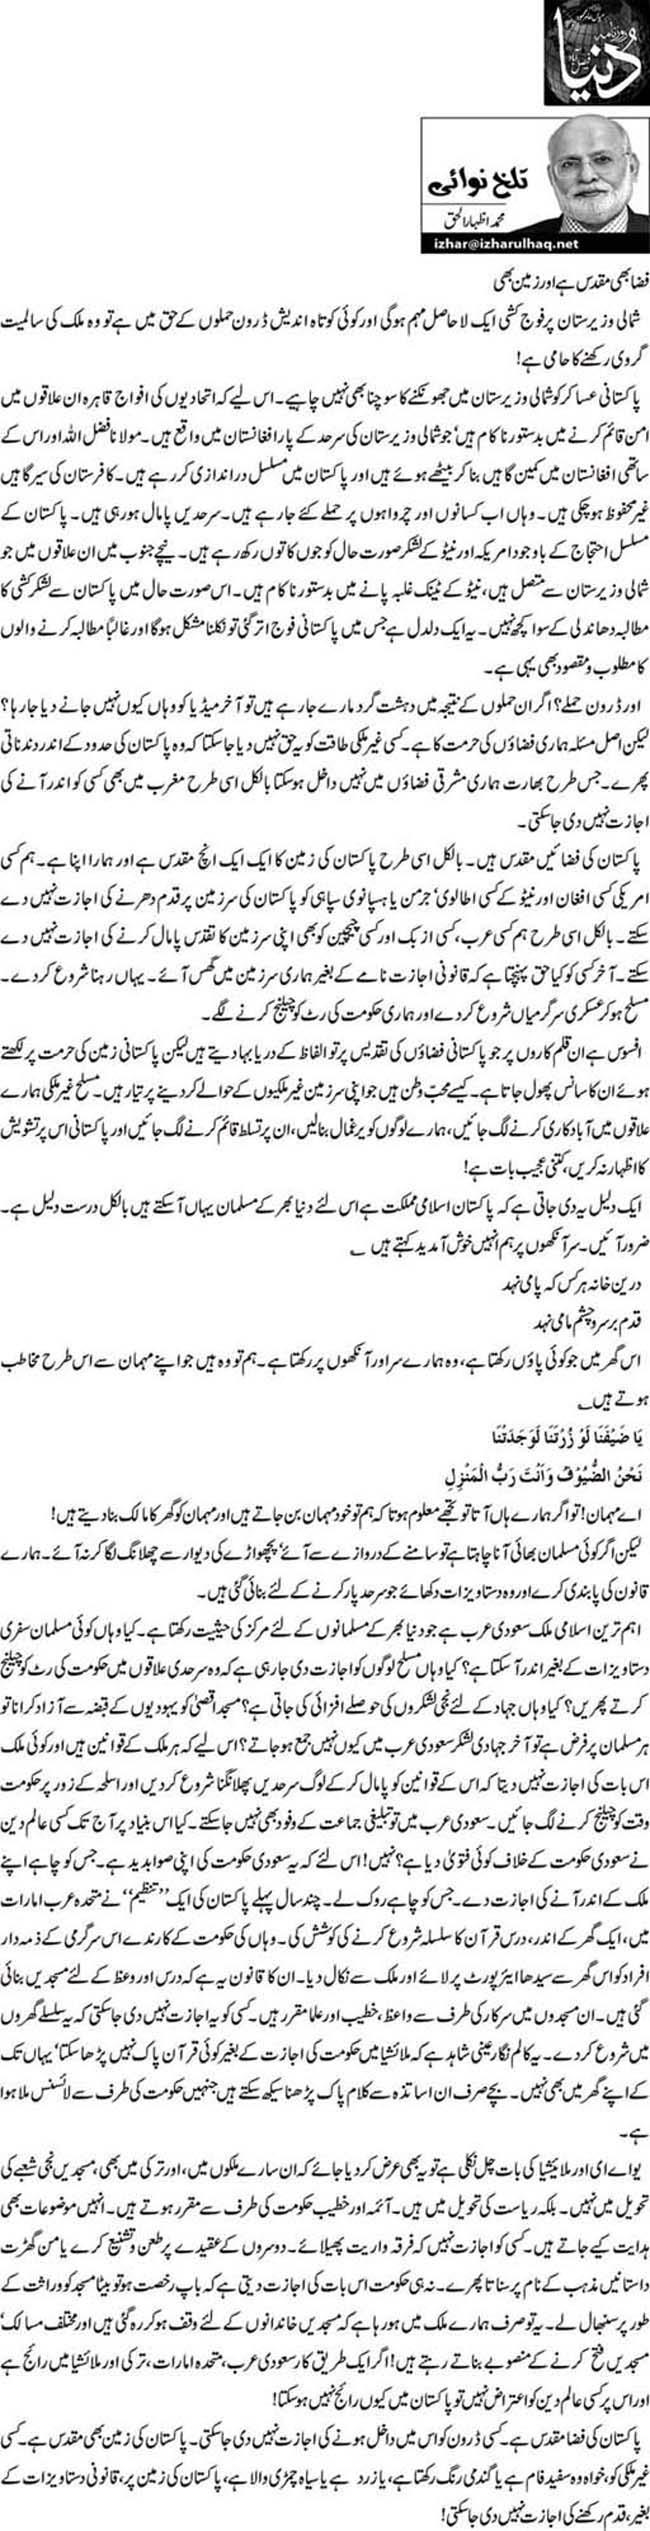 Fiza bhi muqdas aur zameen bhi - Izhar ul haq